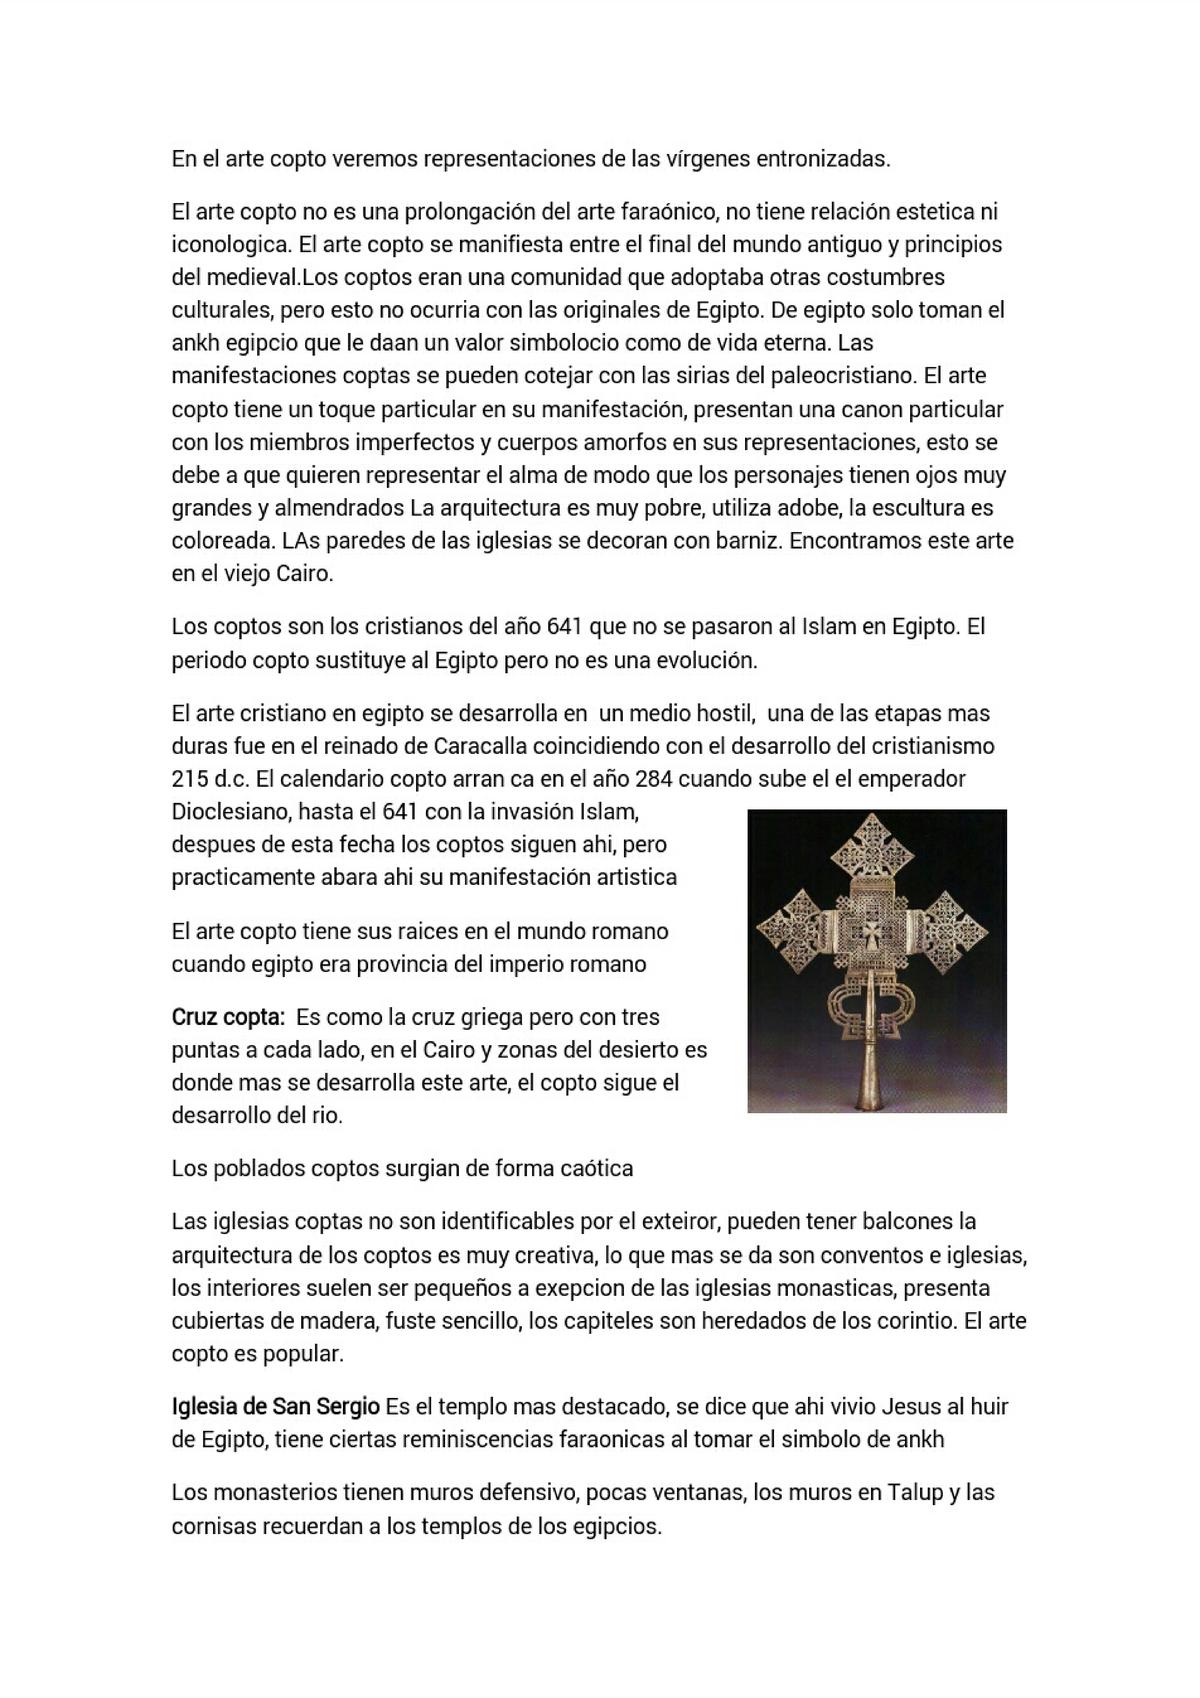 Calendario Copto.Summary 289132101 289132101 30 Apr 2016 Studocu